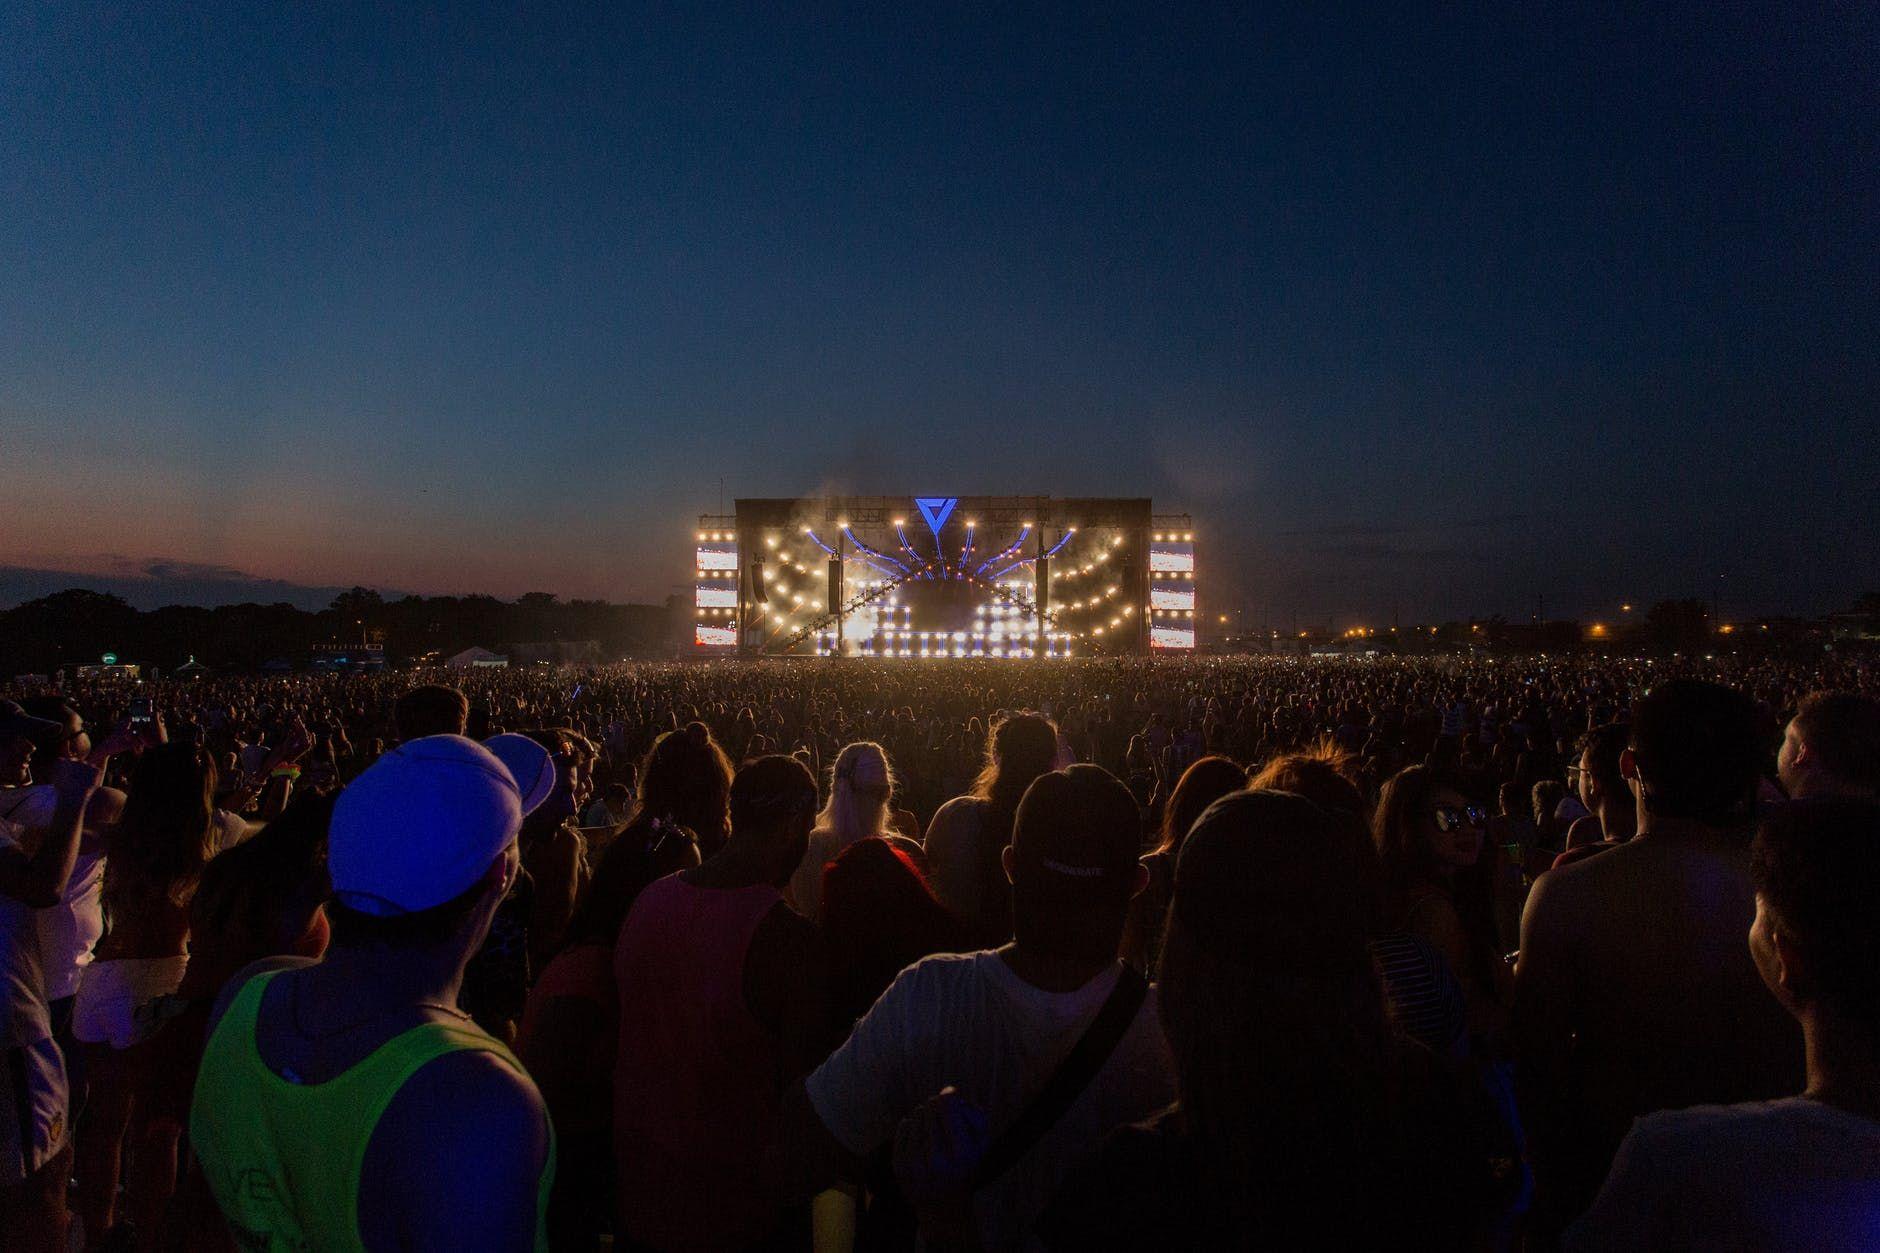 Público imenso participa de um festival de música ao vivo